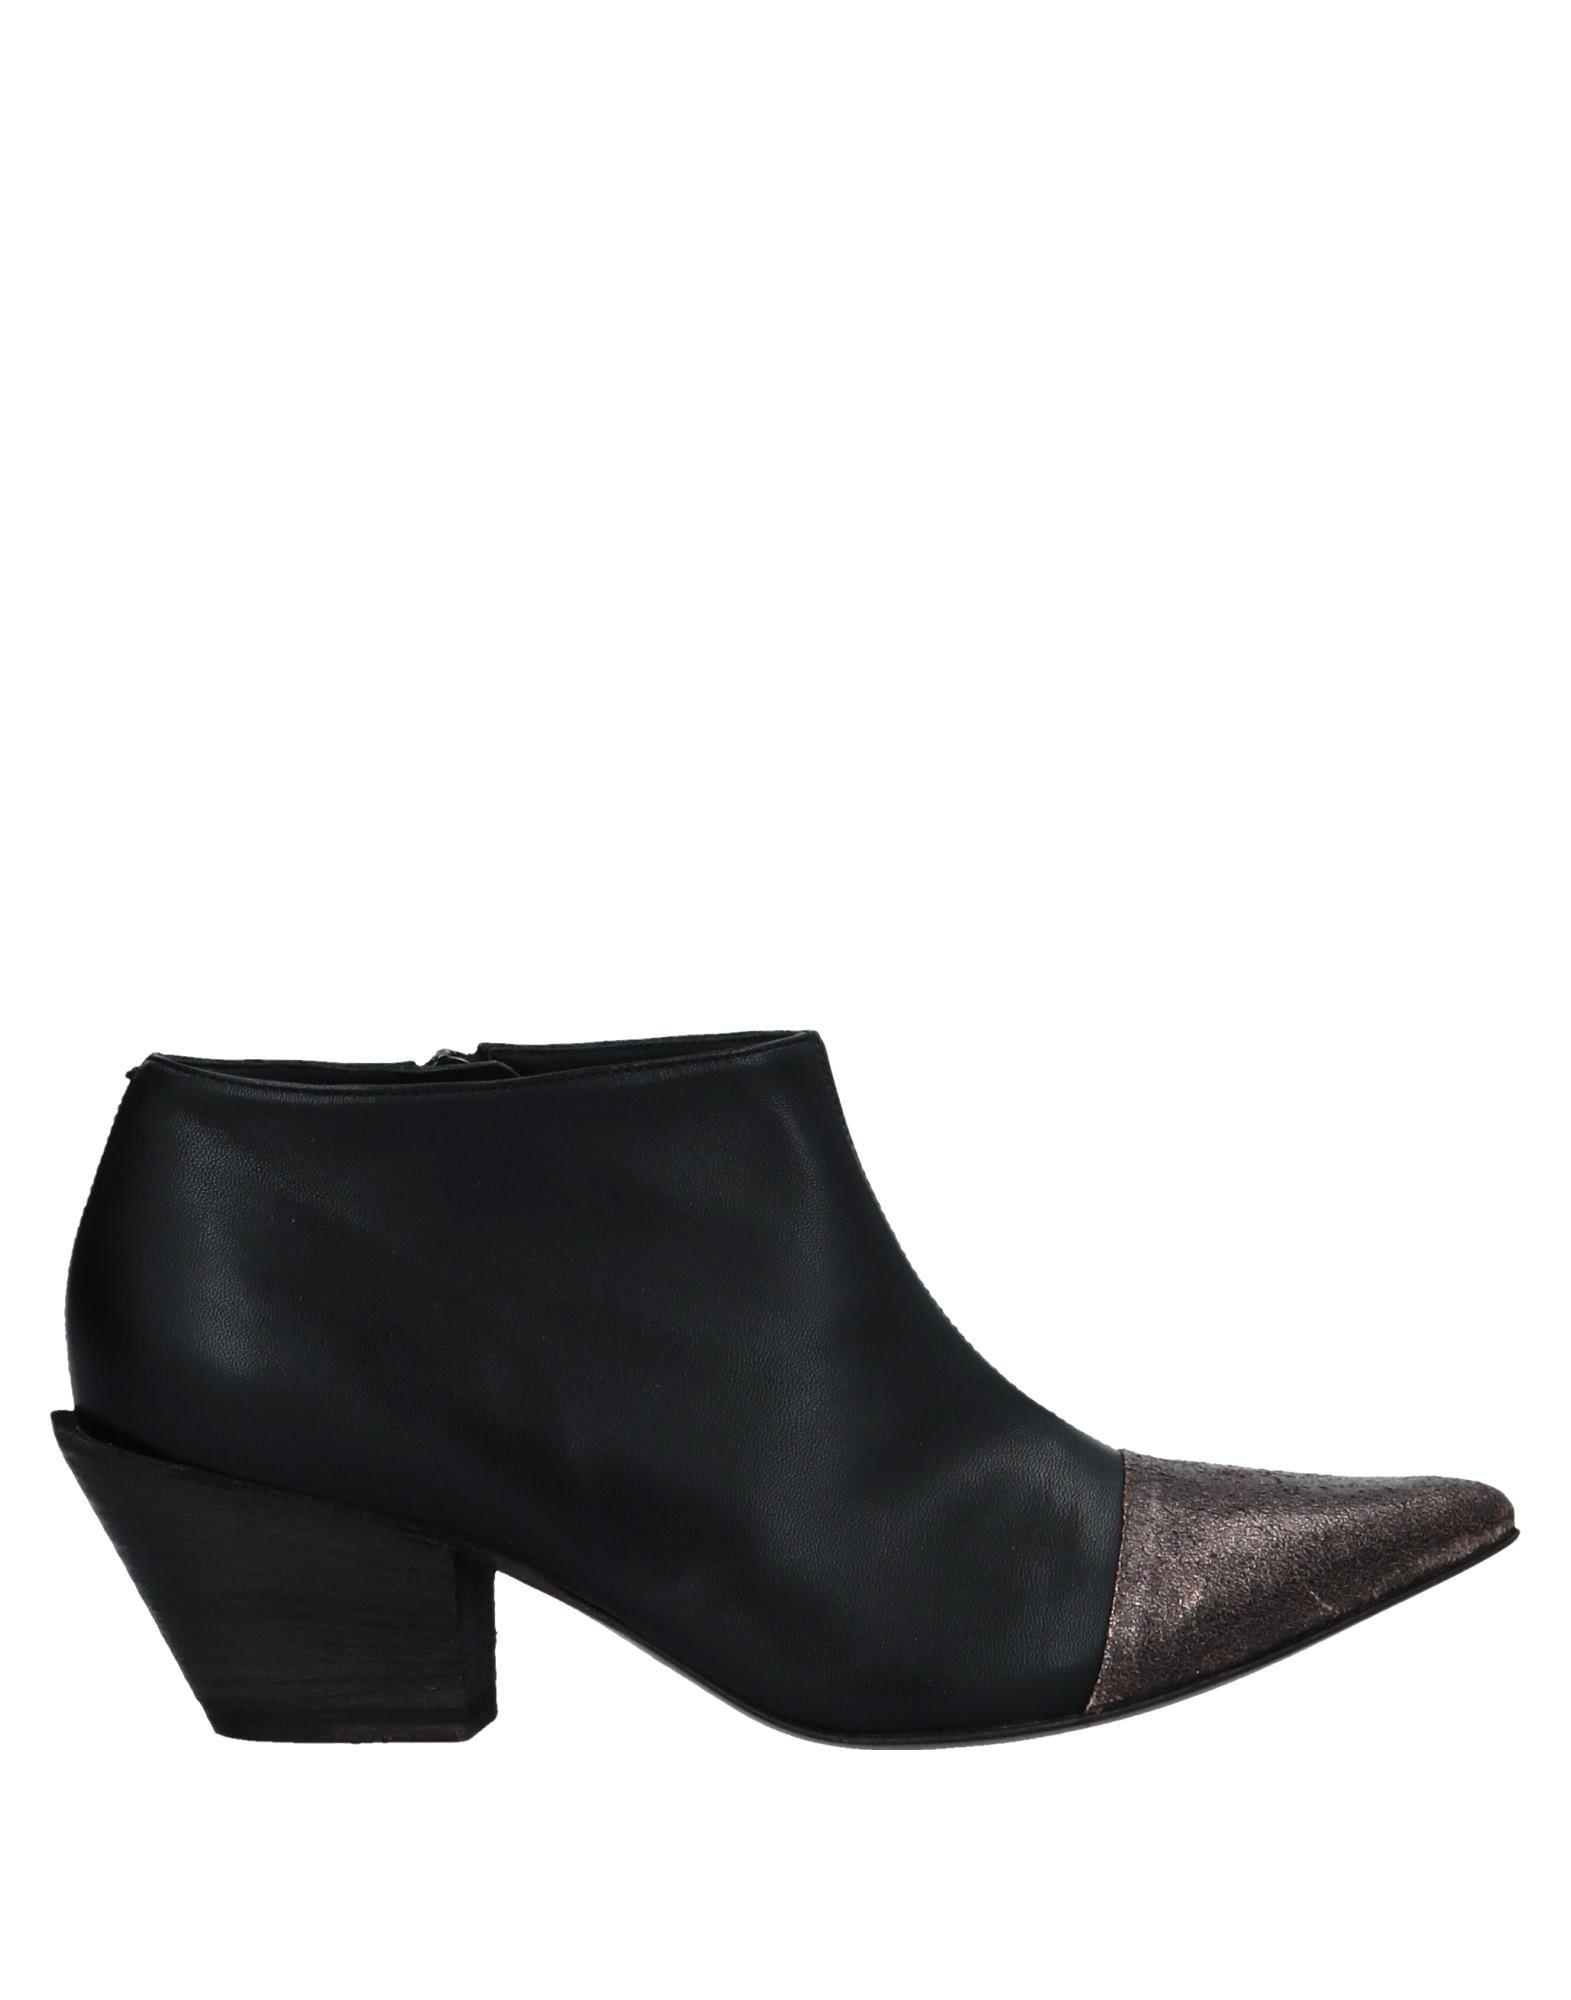 Haider Ackermann Stiefelette Damen Schuhe  11539608AGGünstige gut aussehende Schuhe Damen c17c34